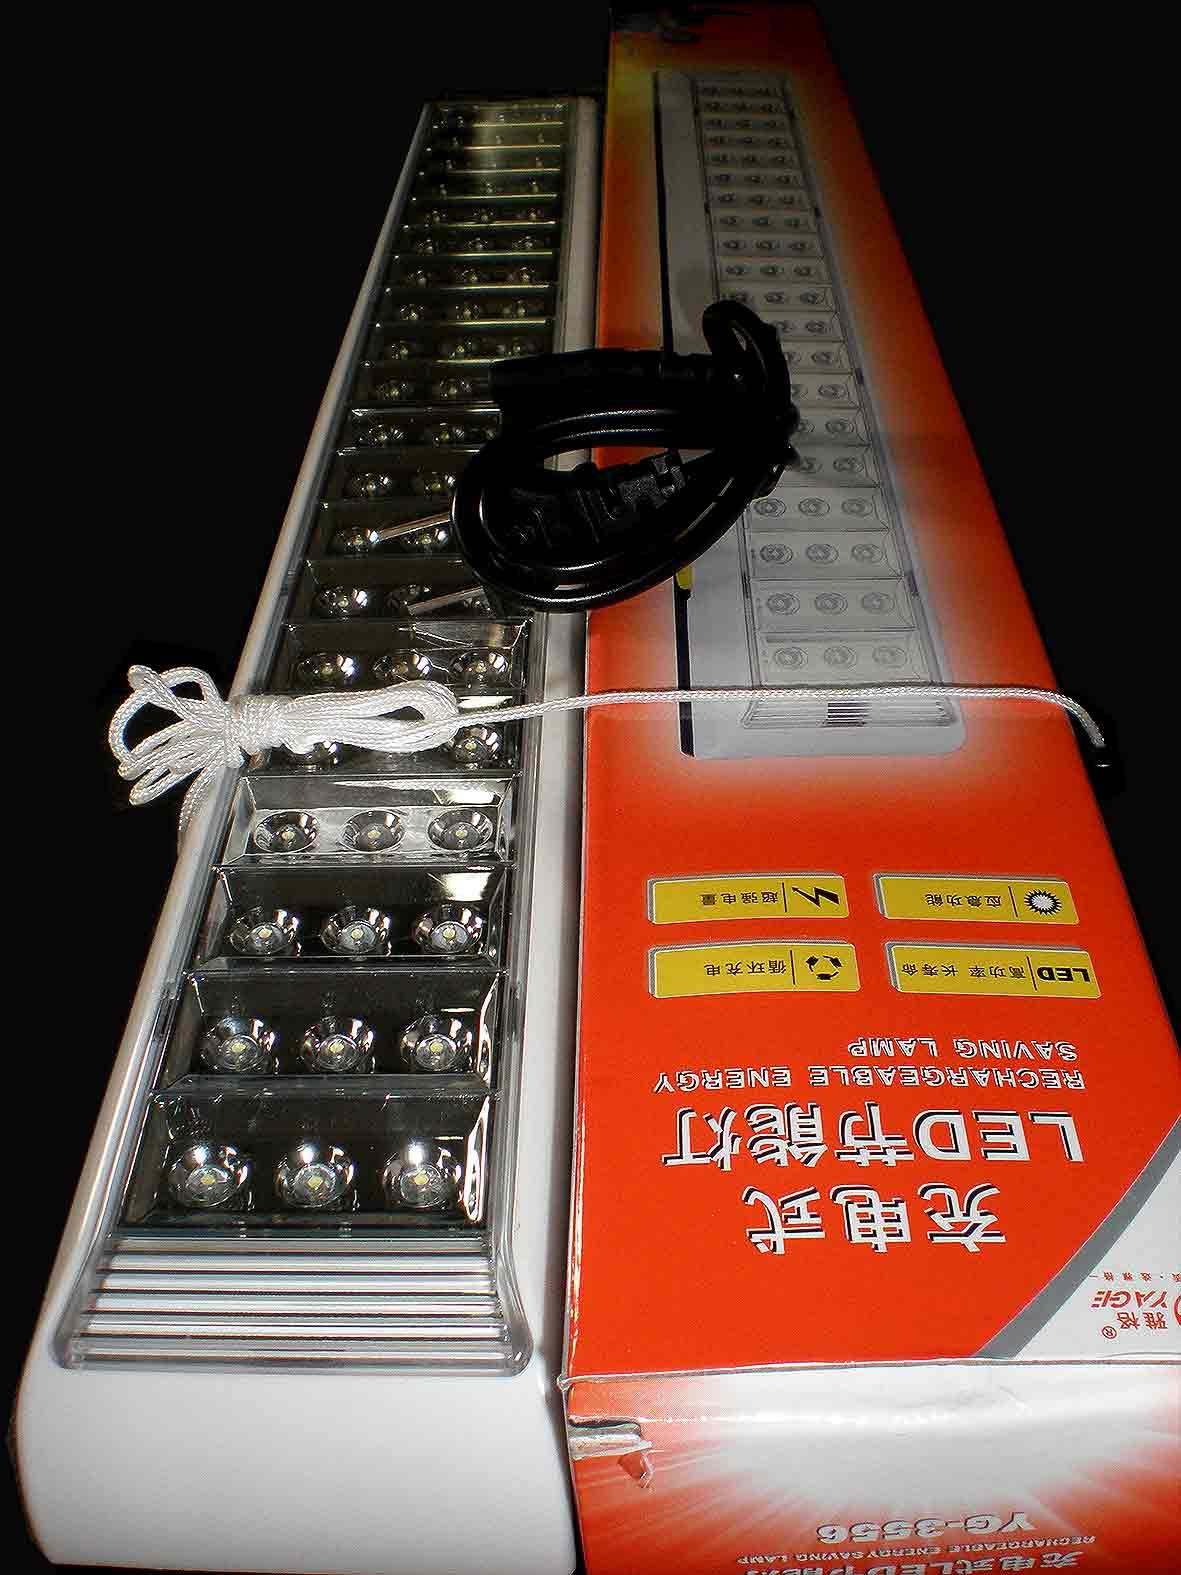 ไฟฉุกเฉิน LED 60 ดวง เกรดA มีสายเปิดปิดไฟ สินค้าแนะนำ ขายดีมาก YG3556